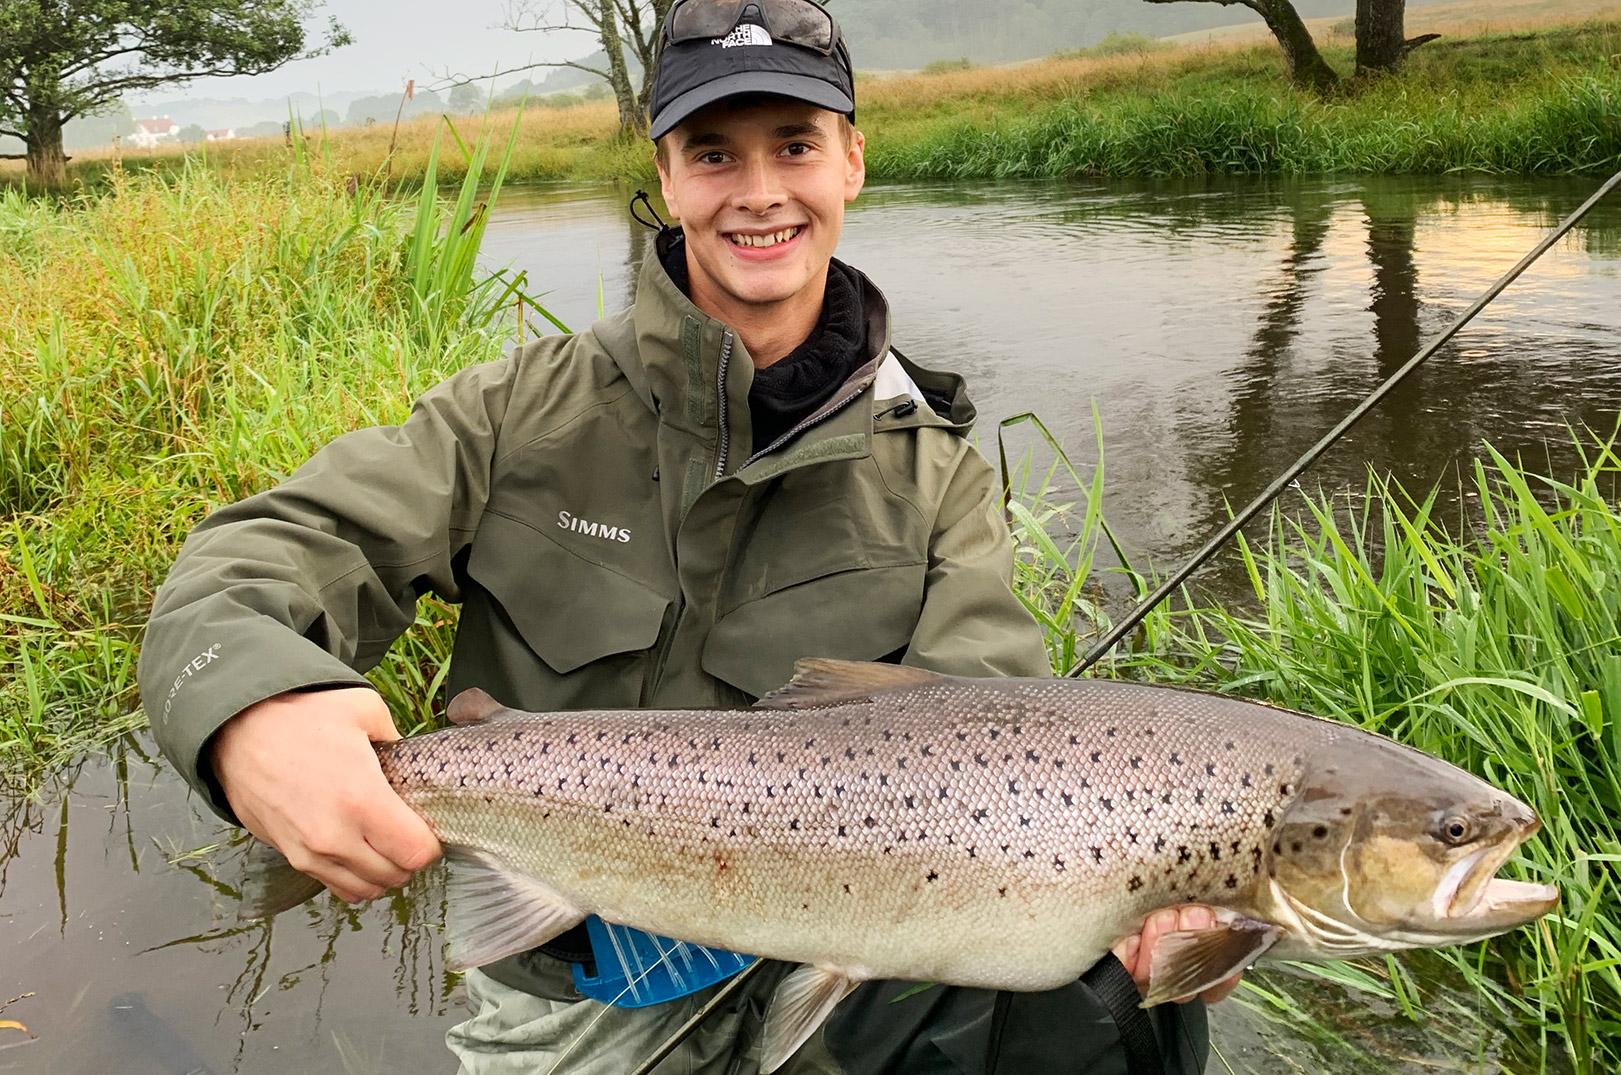 Adam Davis er på trods af sine blot 21 år en erfaren lystfisker med hang til store ørreder som denne.